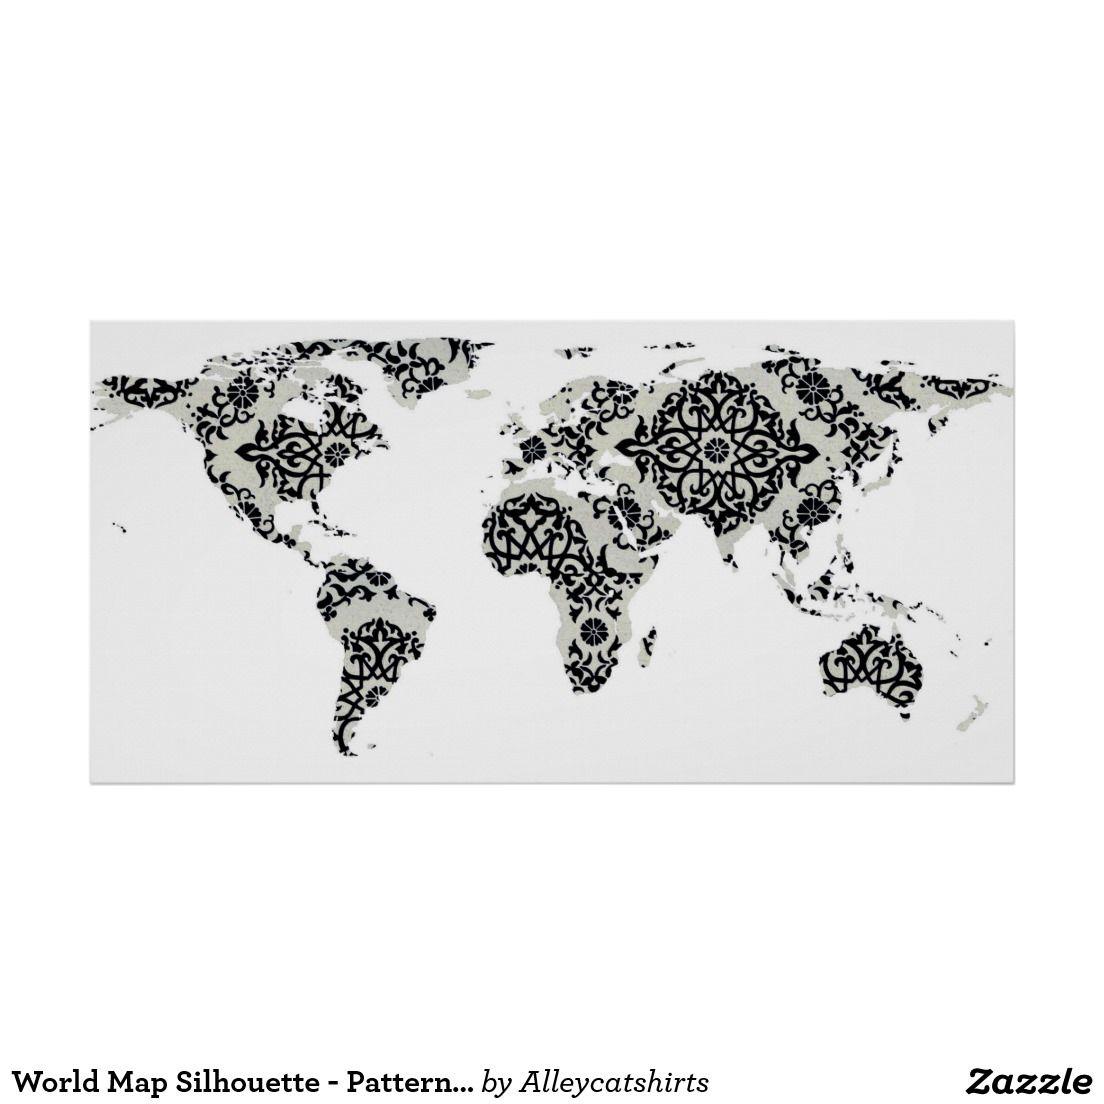 World Map Silhouette Patterned Mandala White Poster World Map - World map silhouette poster